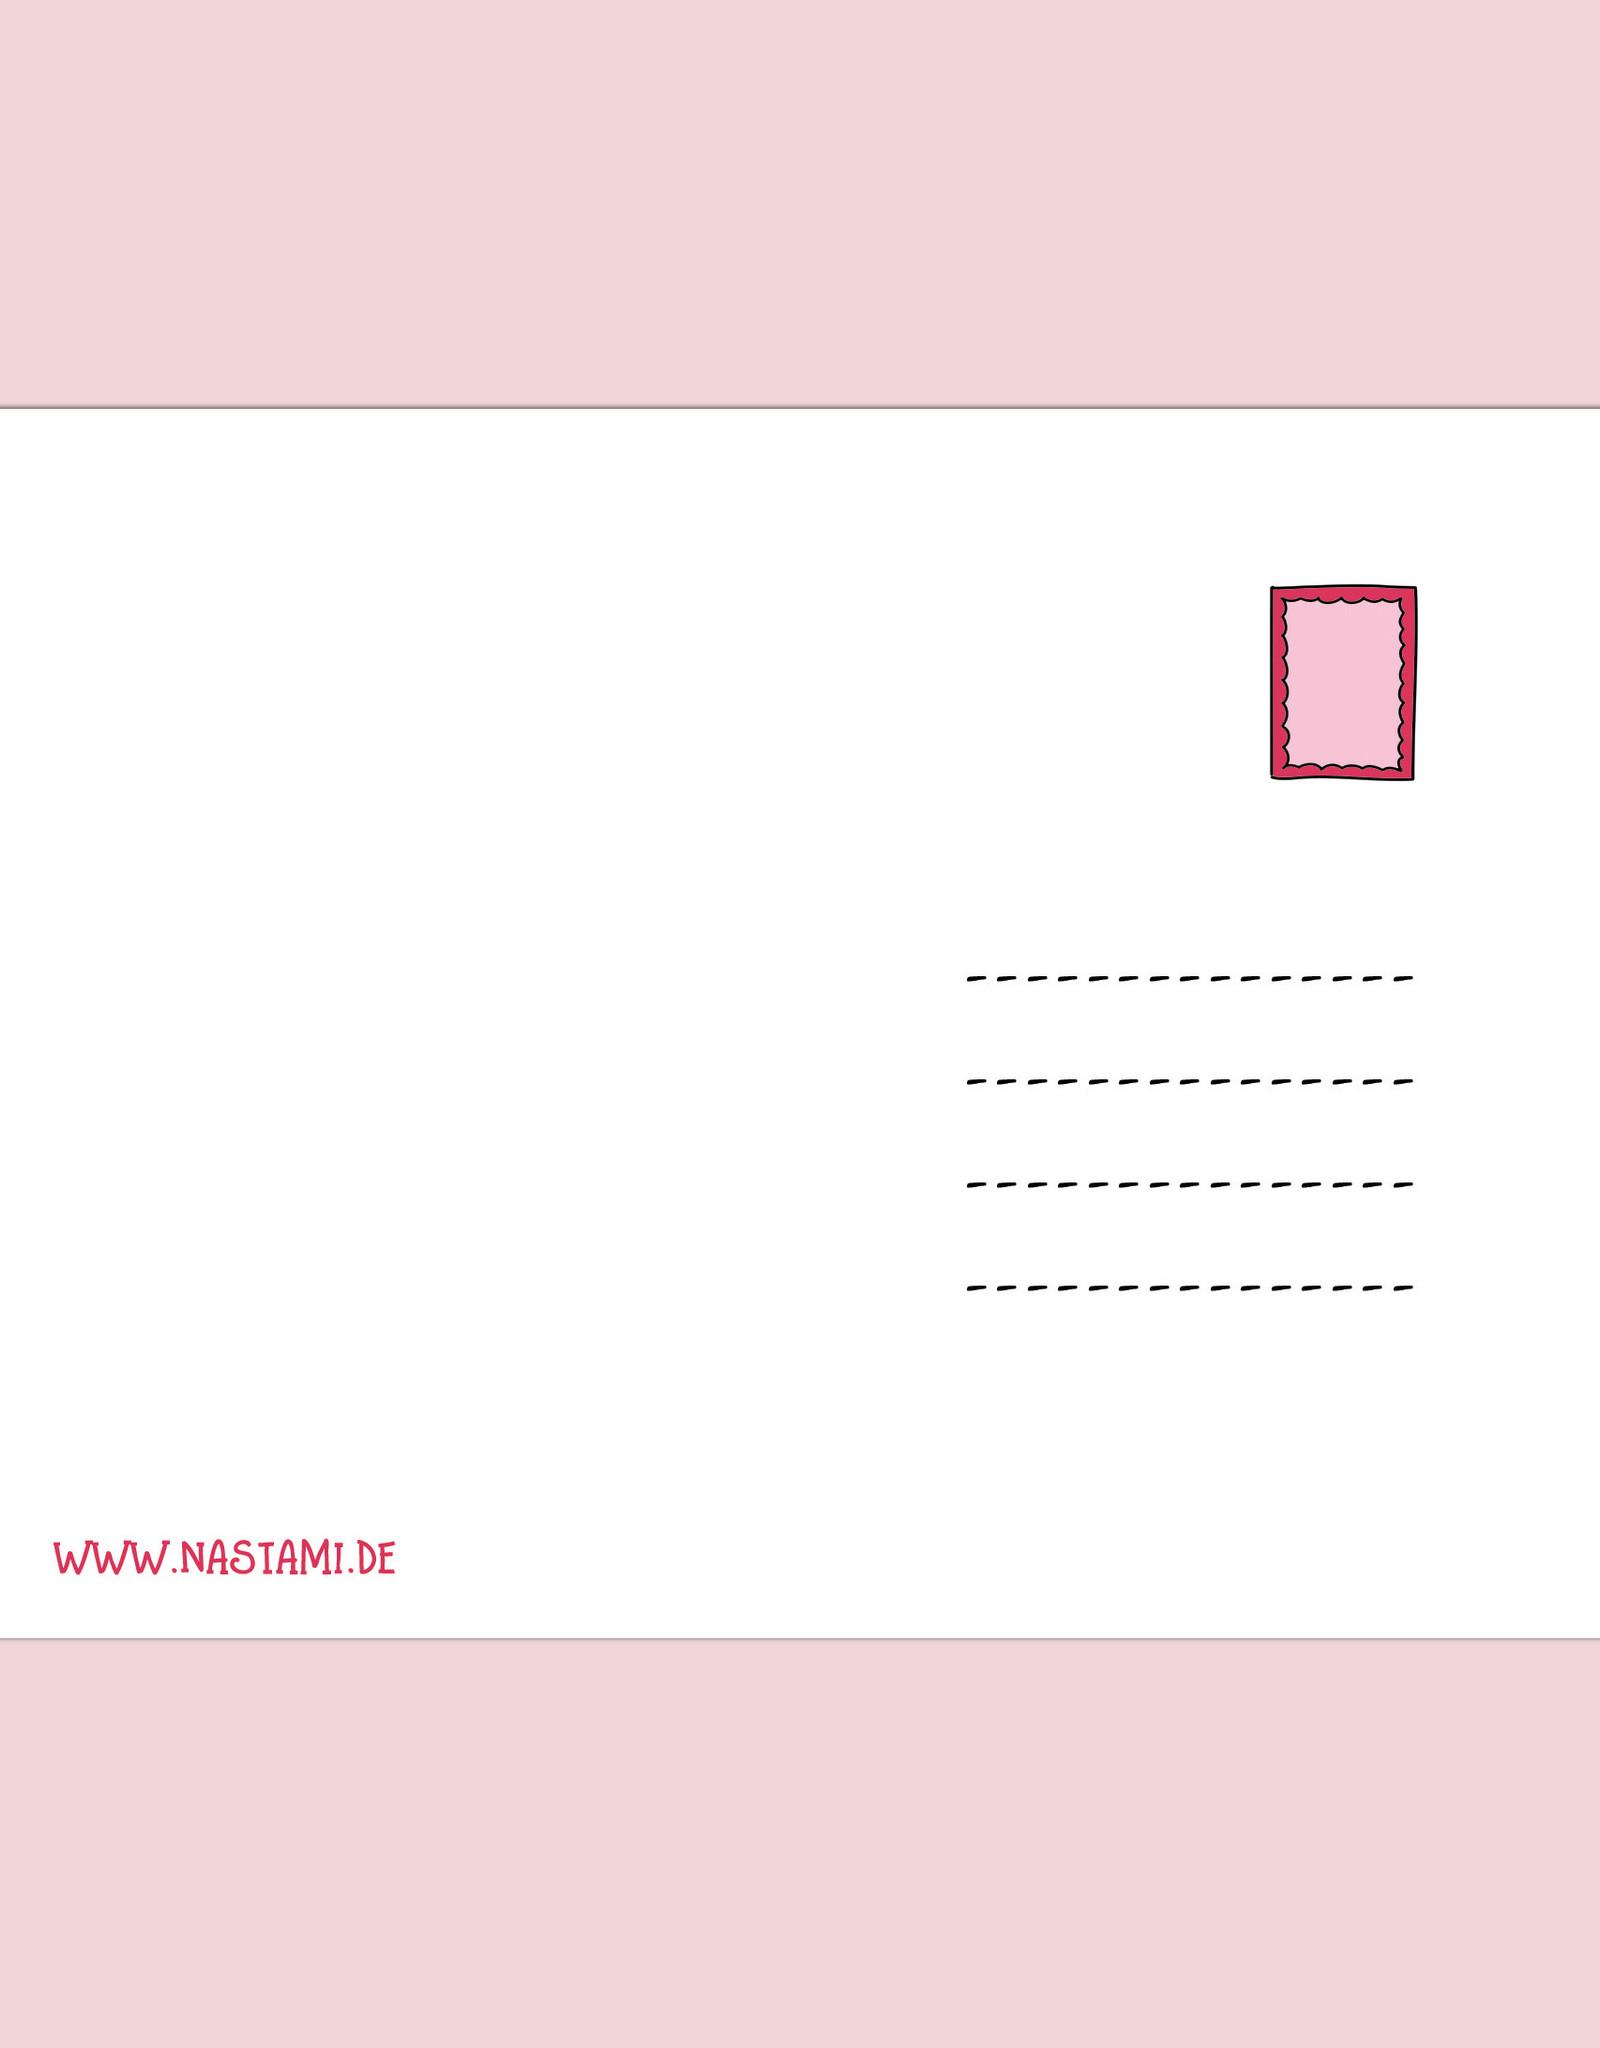 """Postkarte """"Du gehst mir nicht mehr aus dem Kopf"""" Postkarte Liebe, Postkarte Sprüche, Postkarte Geburtstag, Jahrestag"""